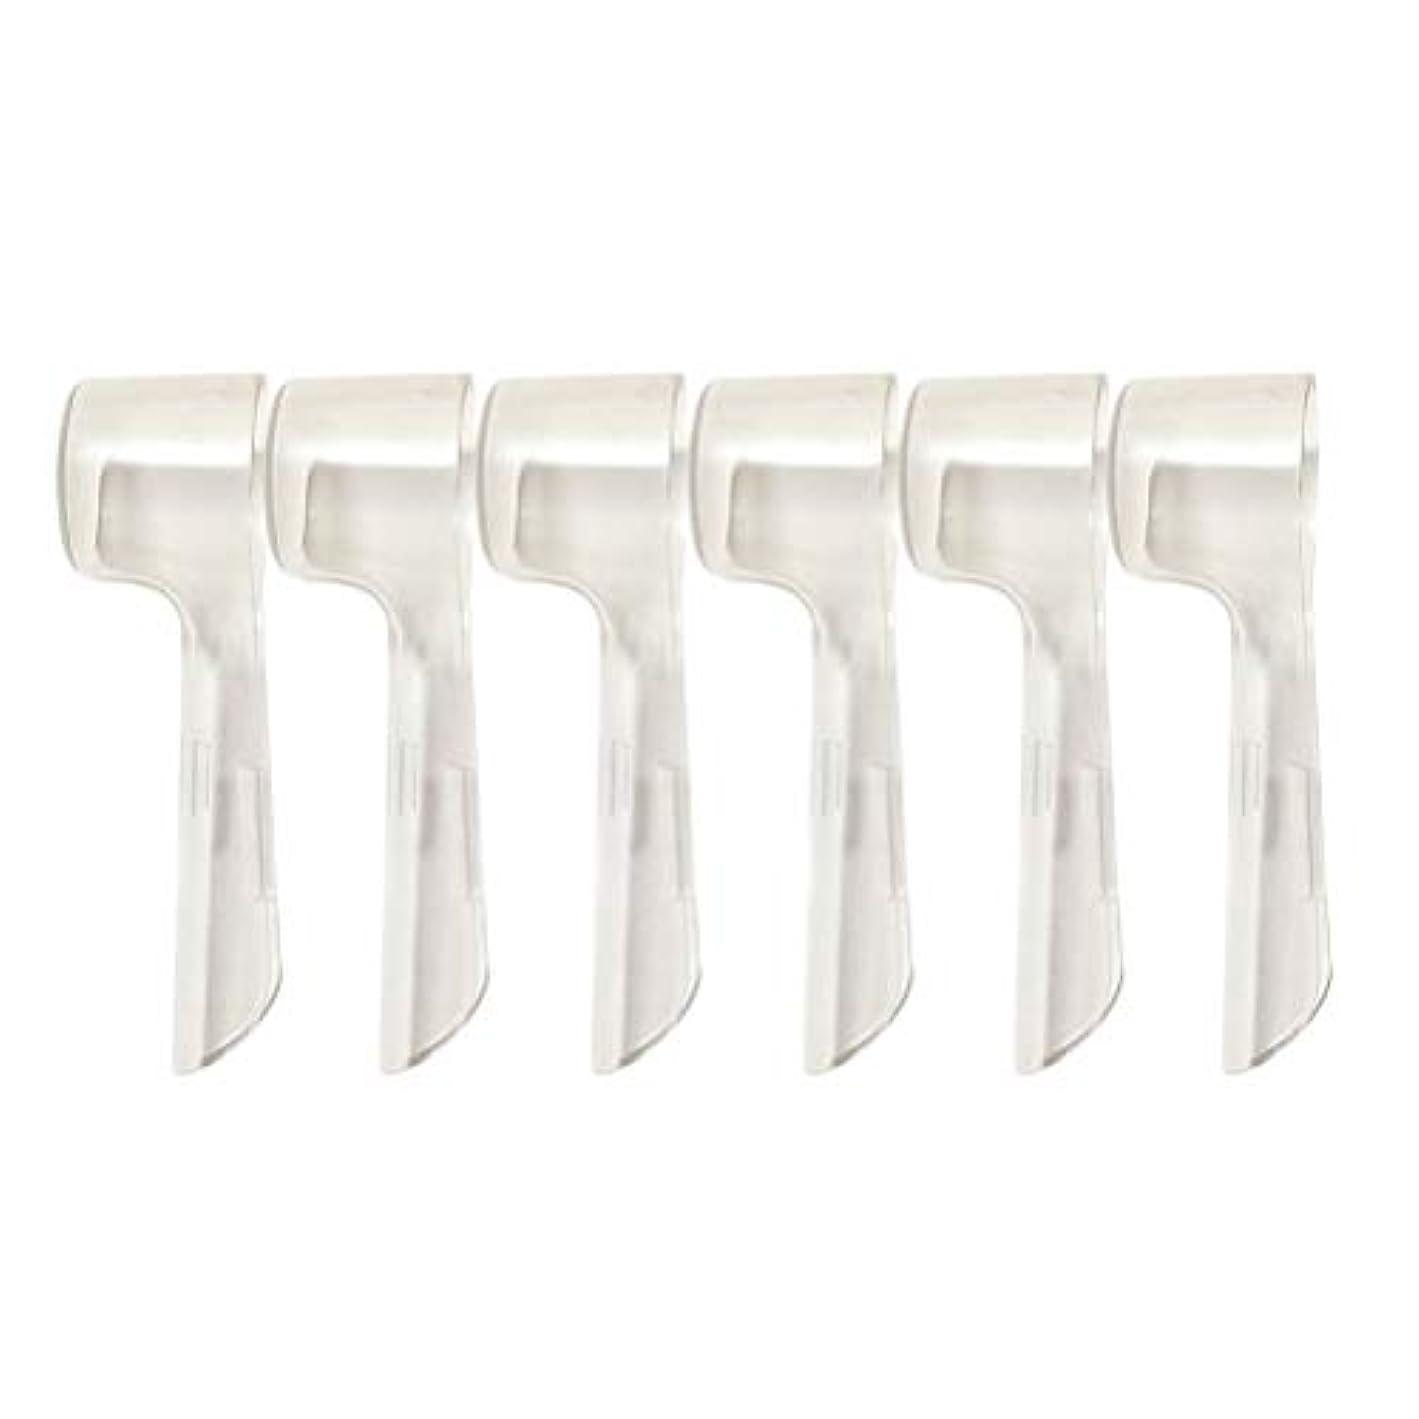 寄付するギター船尾Healifty 10本の歯ブラシカバー電動歯ブラシは旅行やその他の衛生に便利です。